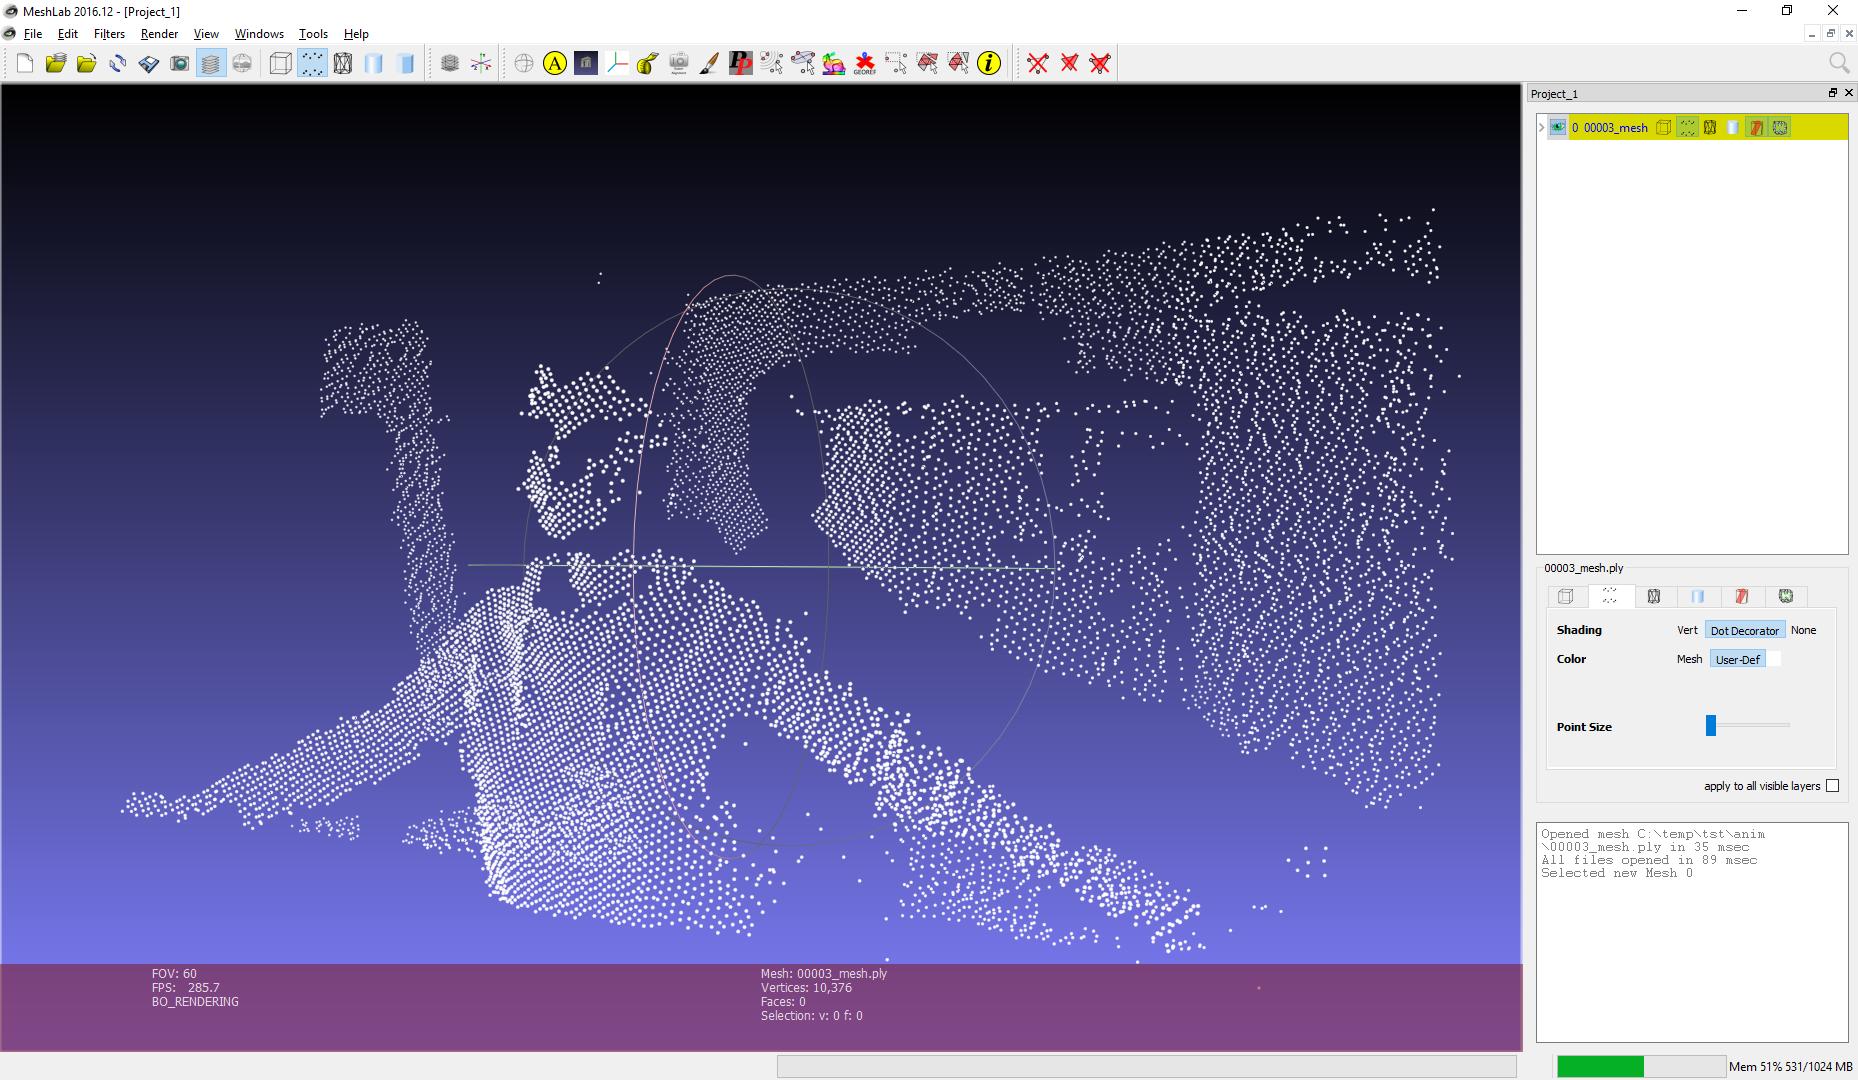 Снимаем «4D видео» с помощью depth-сенсора и триангуляции Делоне - 4